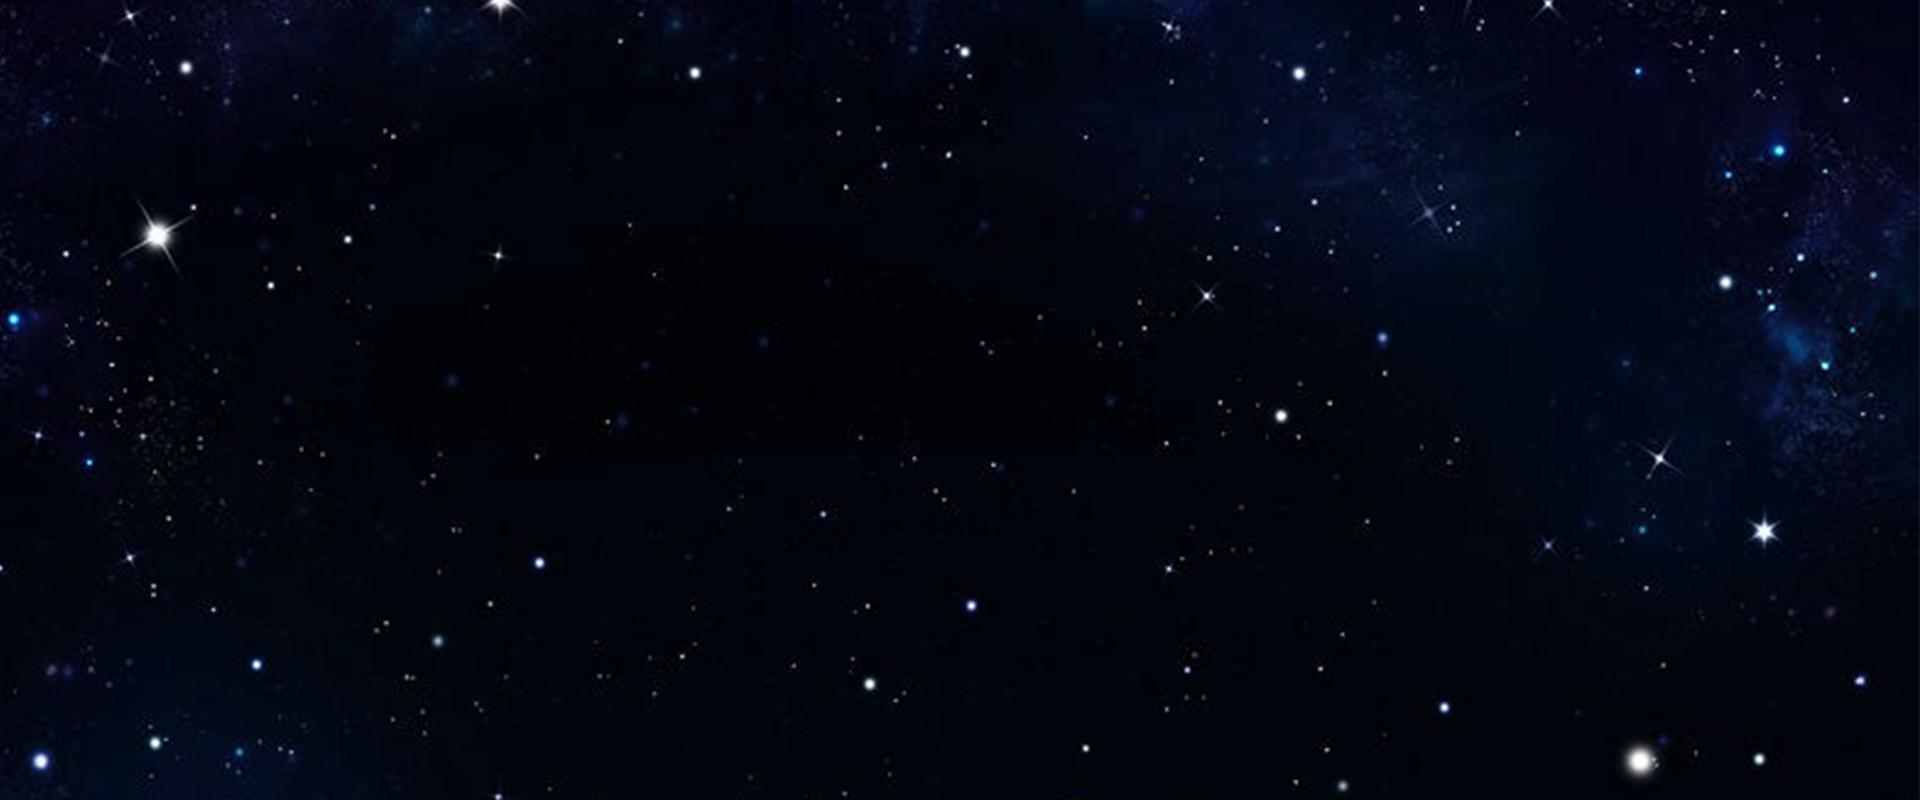 star o corpo celeste o espa u00e7o estrelas background galaxy a astronomia universo imagem de plano